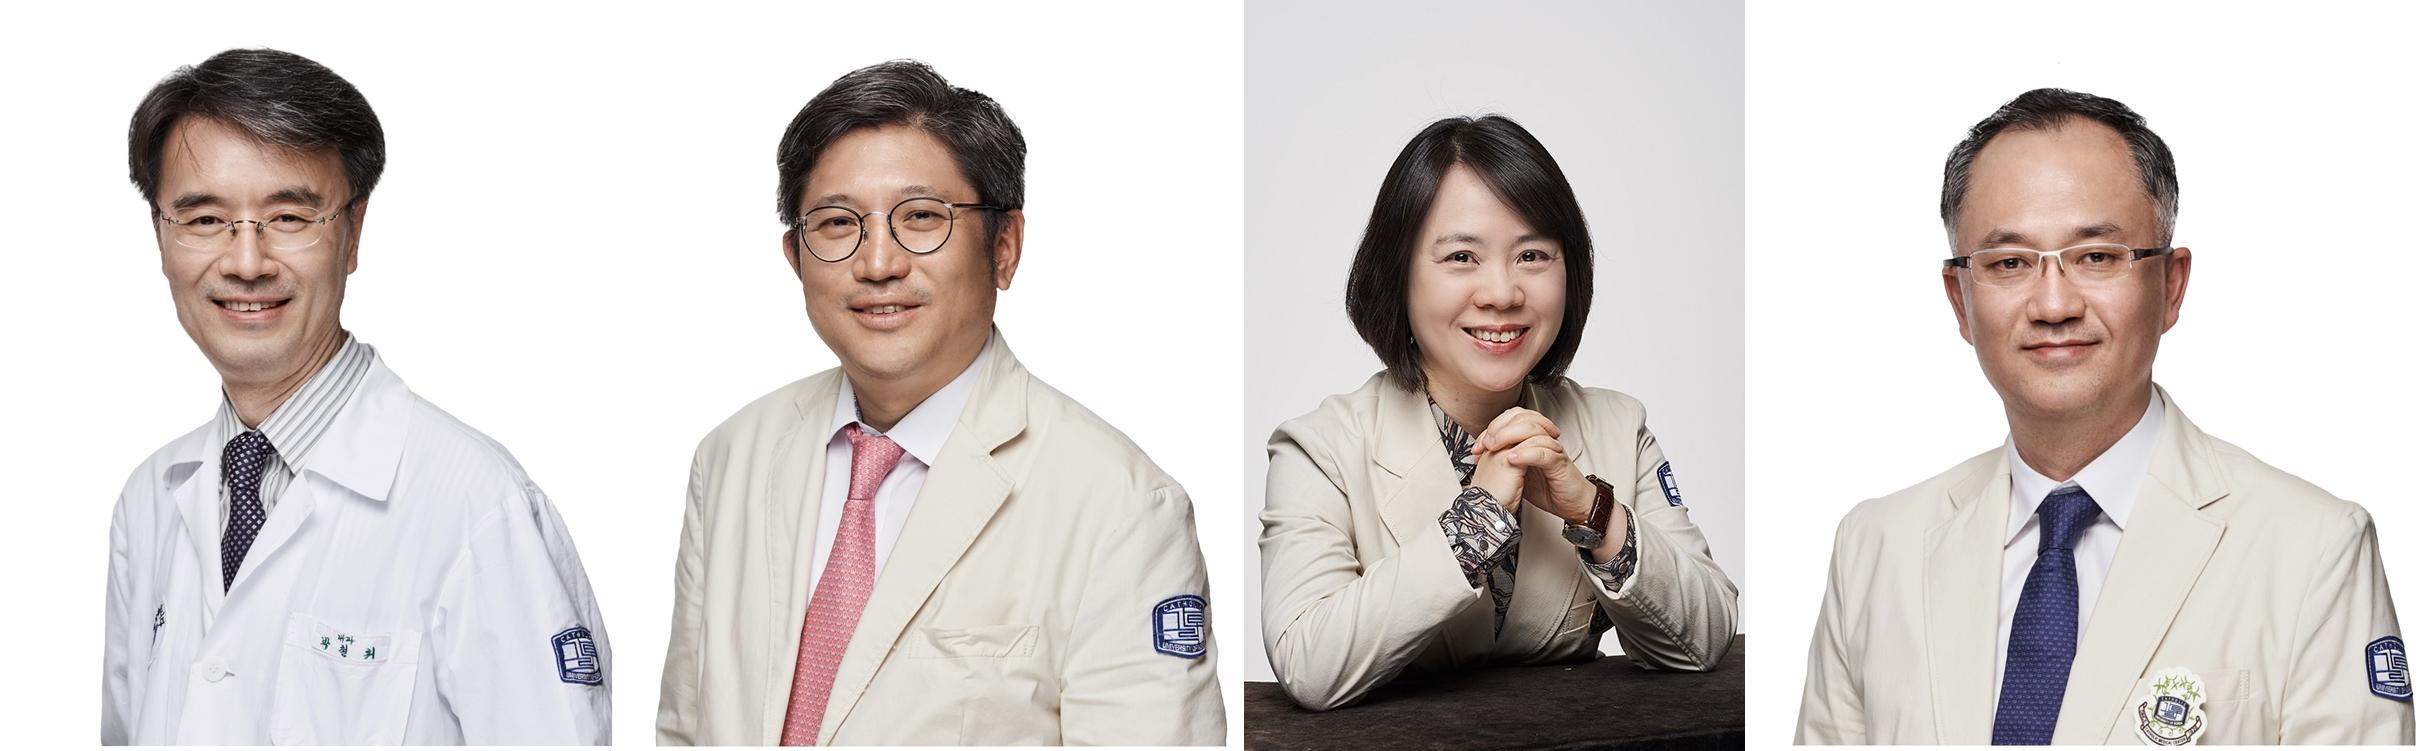 좌측부터 박철휘 ・ 김대진 ・ 정정임 ・ 김영훈 교수